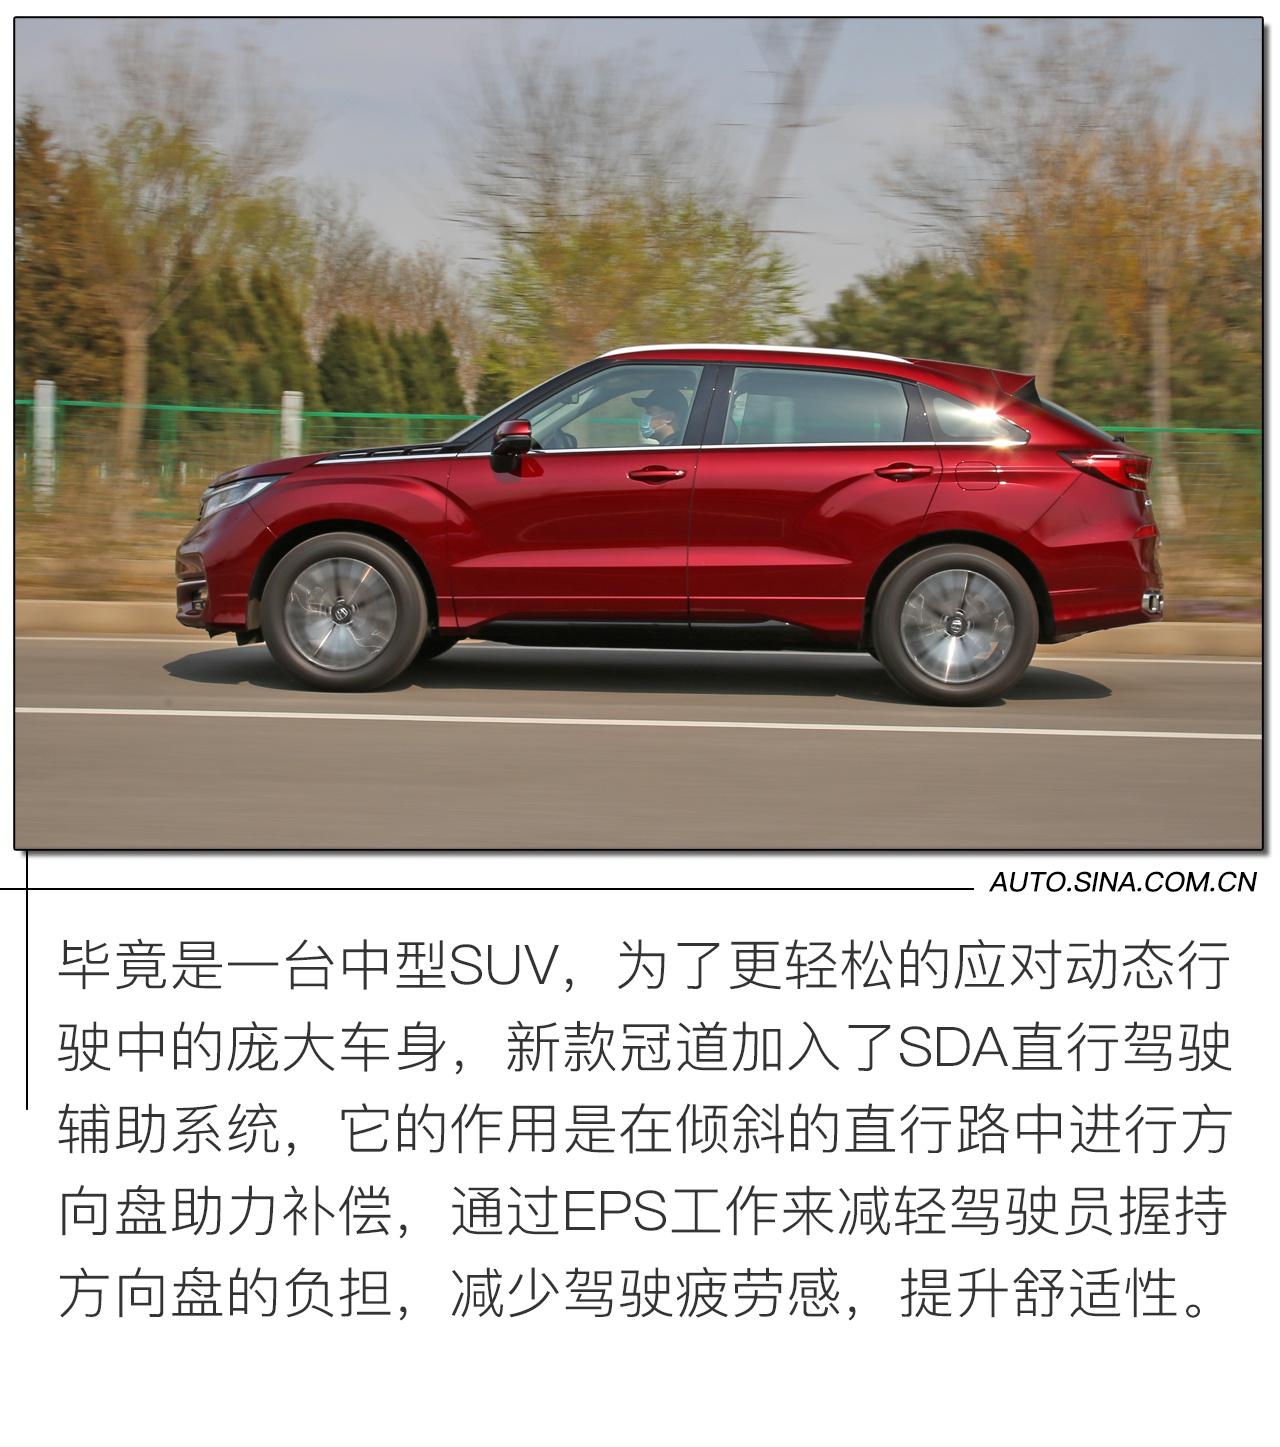 舒适和豪华是关键词 这款SUV与印象中的本田不太一样